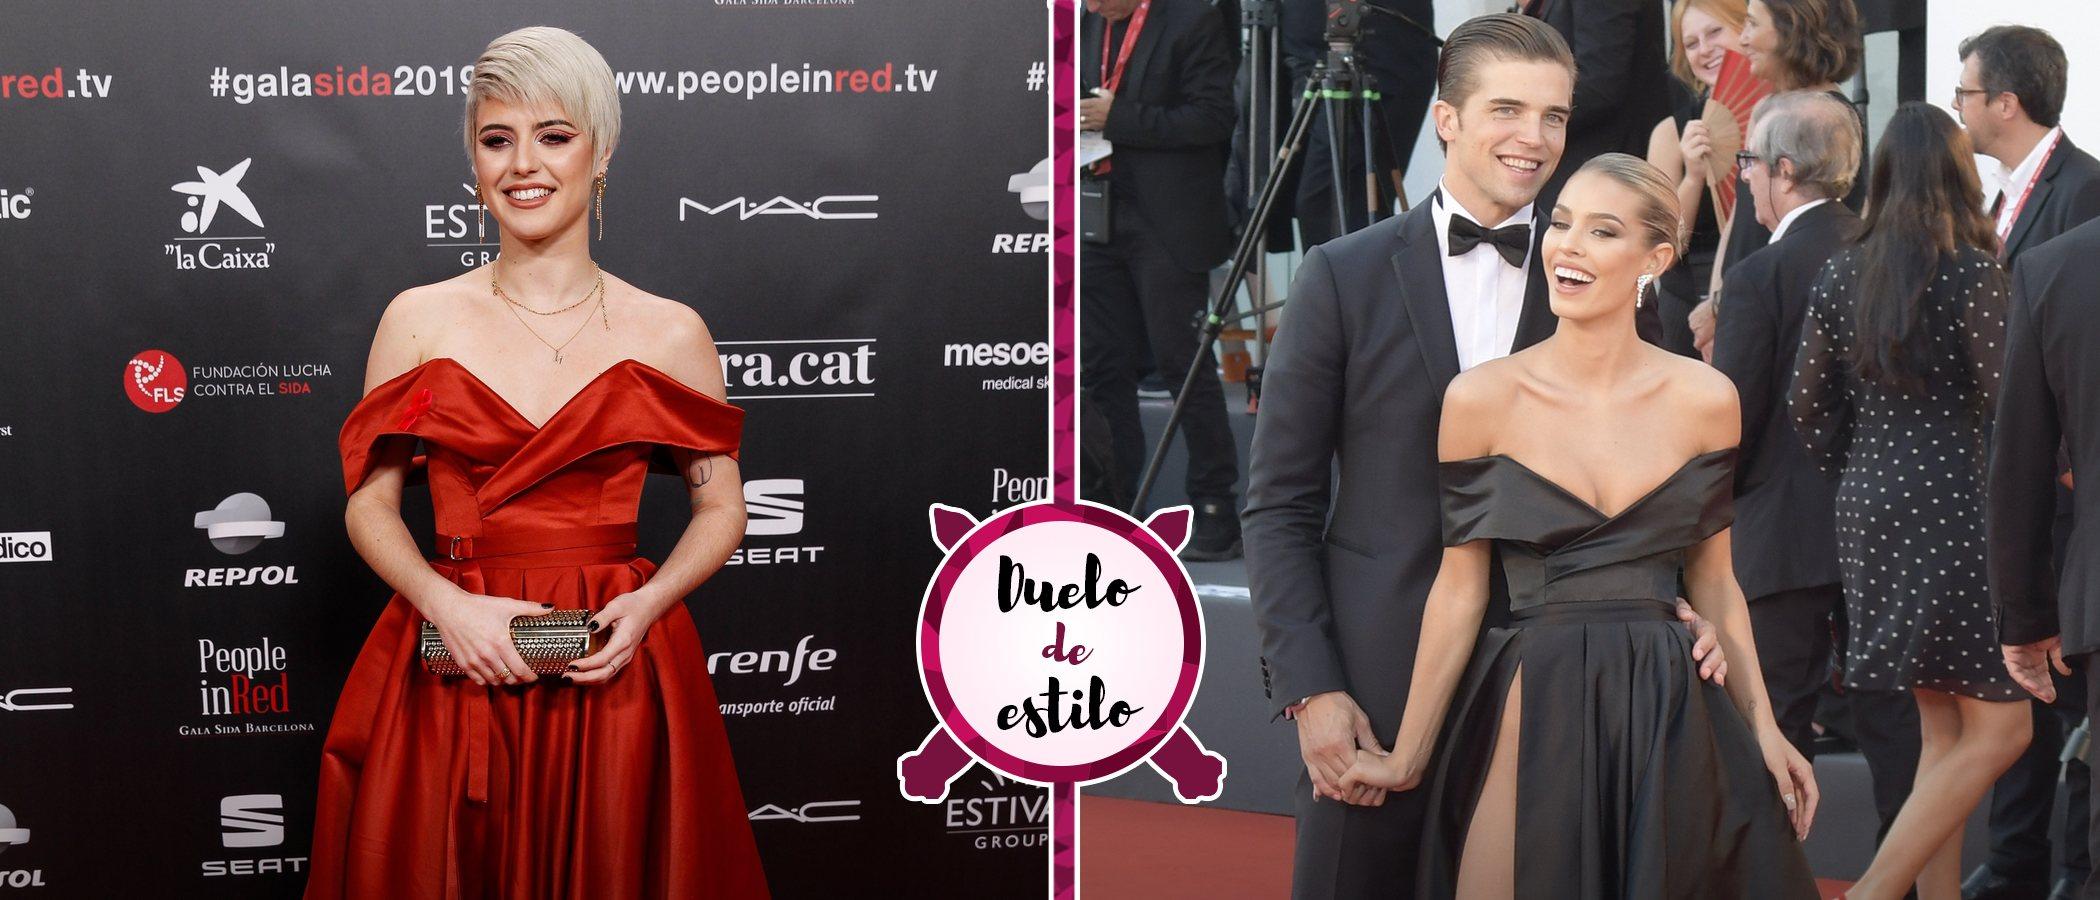 Alba Reche de rojo, Jessica Goicoechea de negro: así es el vestido de princesa favorito de las alfombras rojas